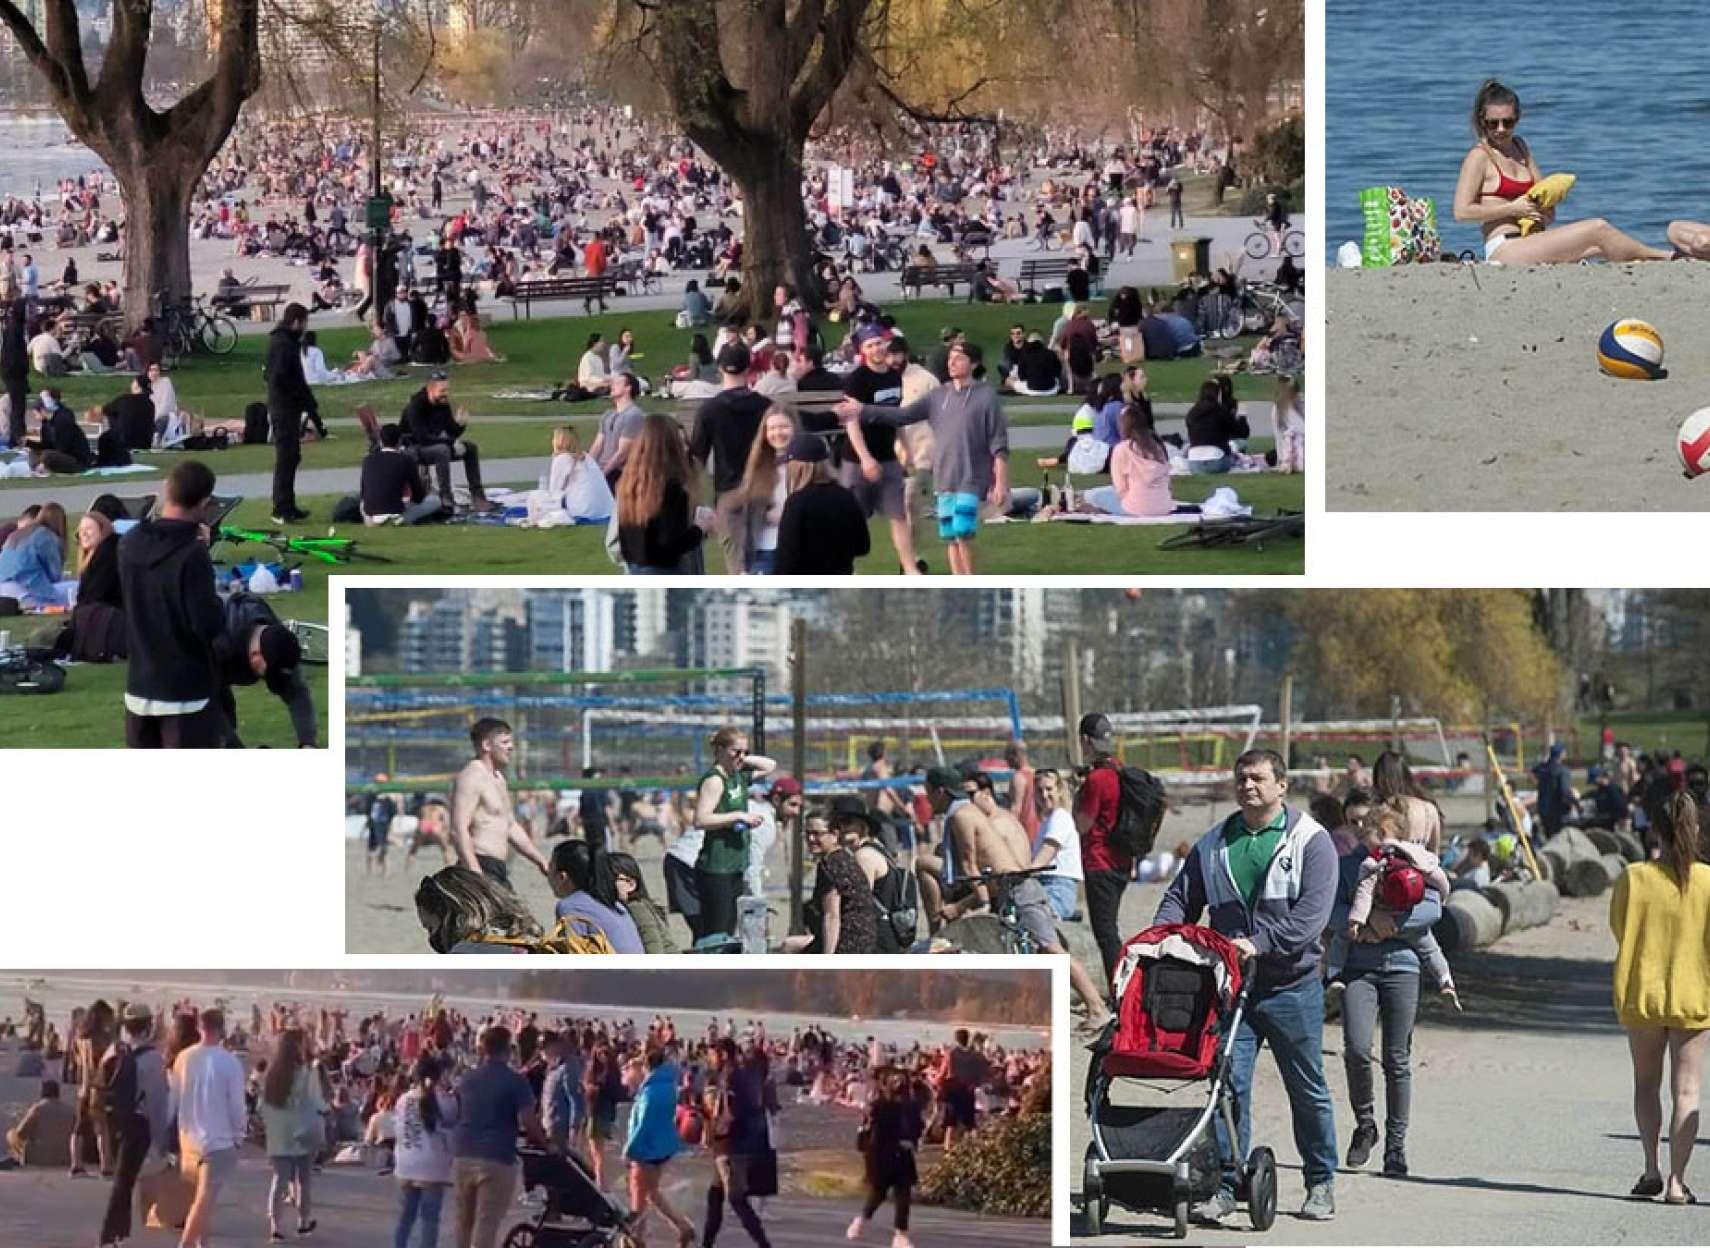 رقص-و-پارتی-در-سواحل-ونکوور-اداره-بهداشت-افراد-بالای-۱۸-سال-برای-واکسن-ثبت-نام-کنند